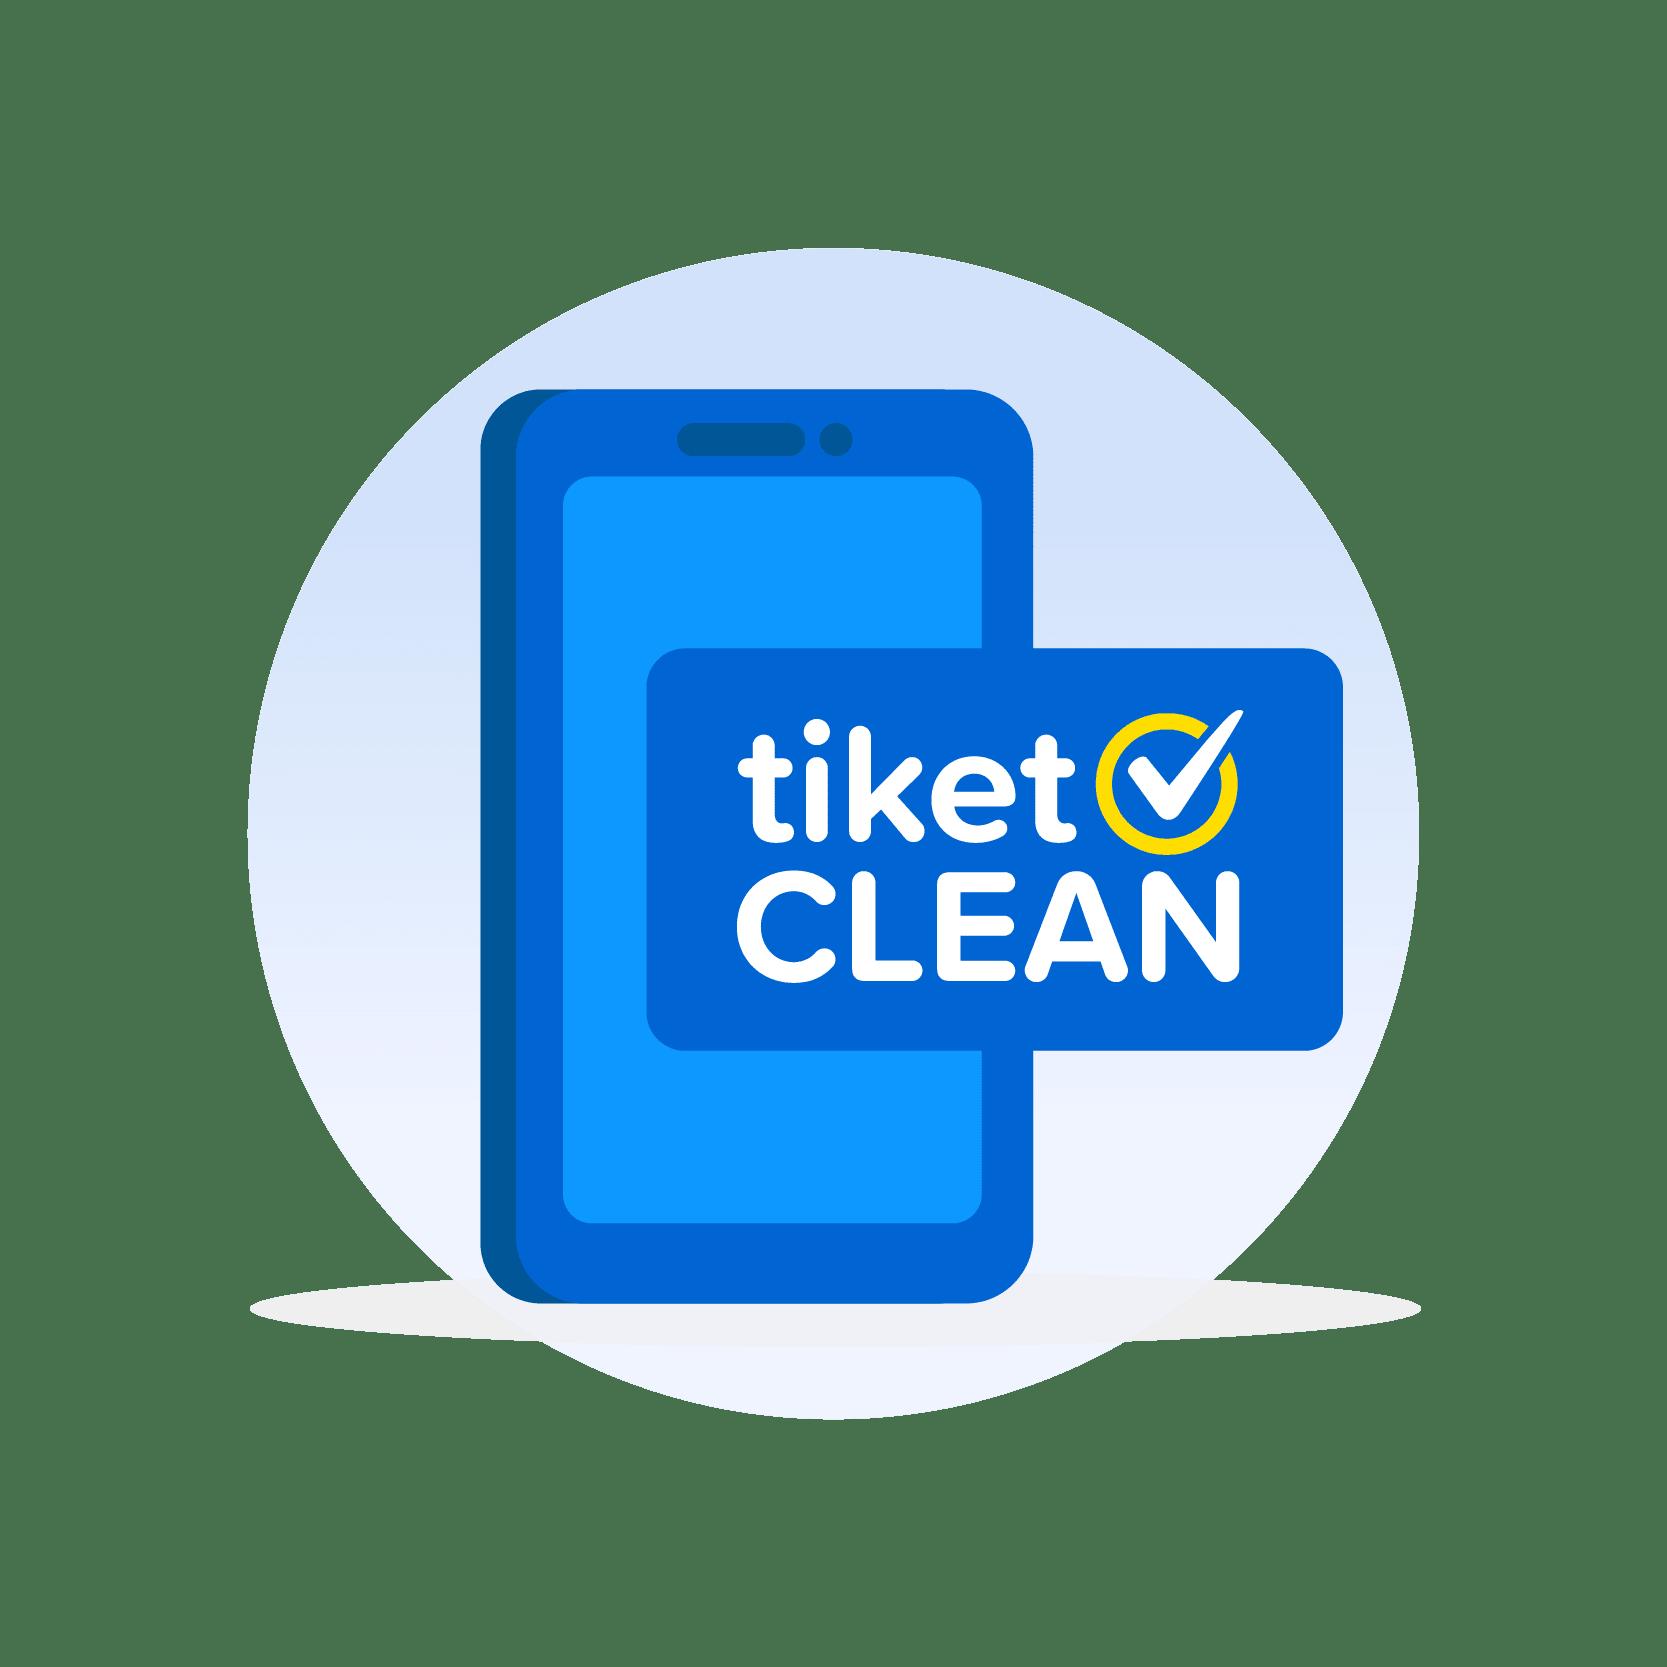 Liburan makin aman pakai tiket CLEAN dari tiket.com